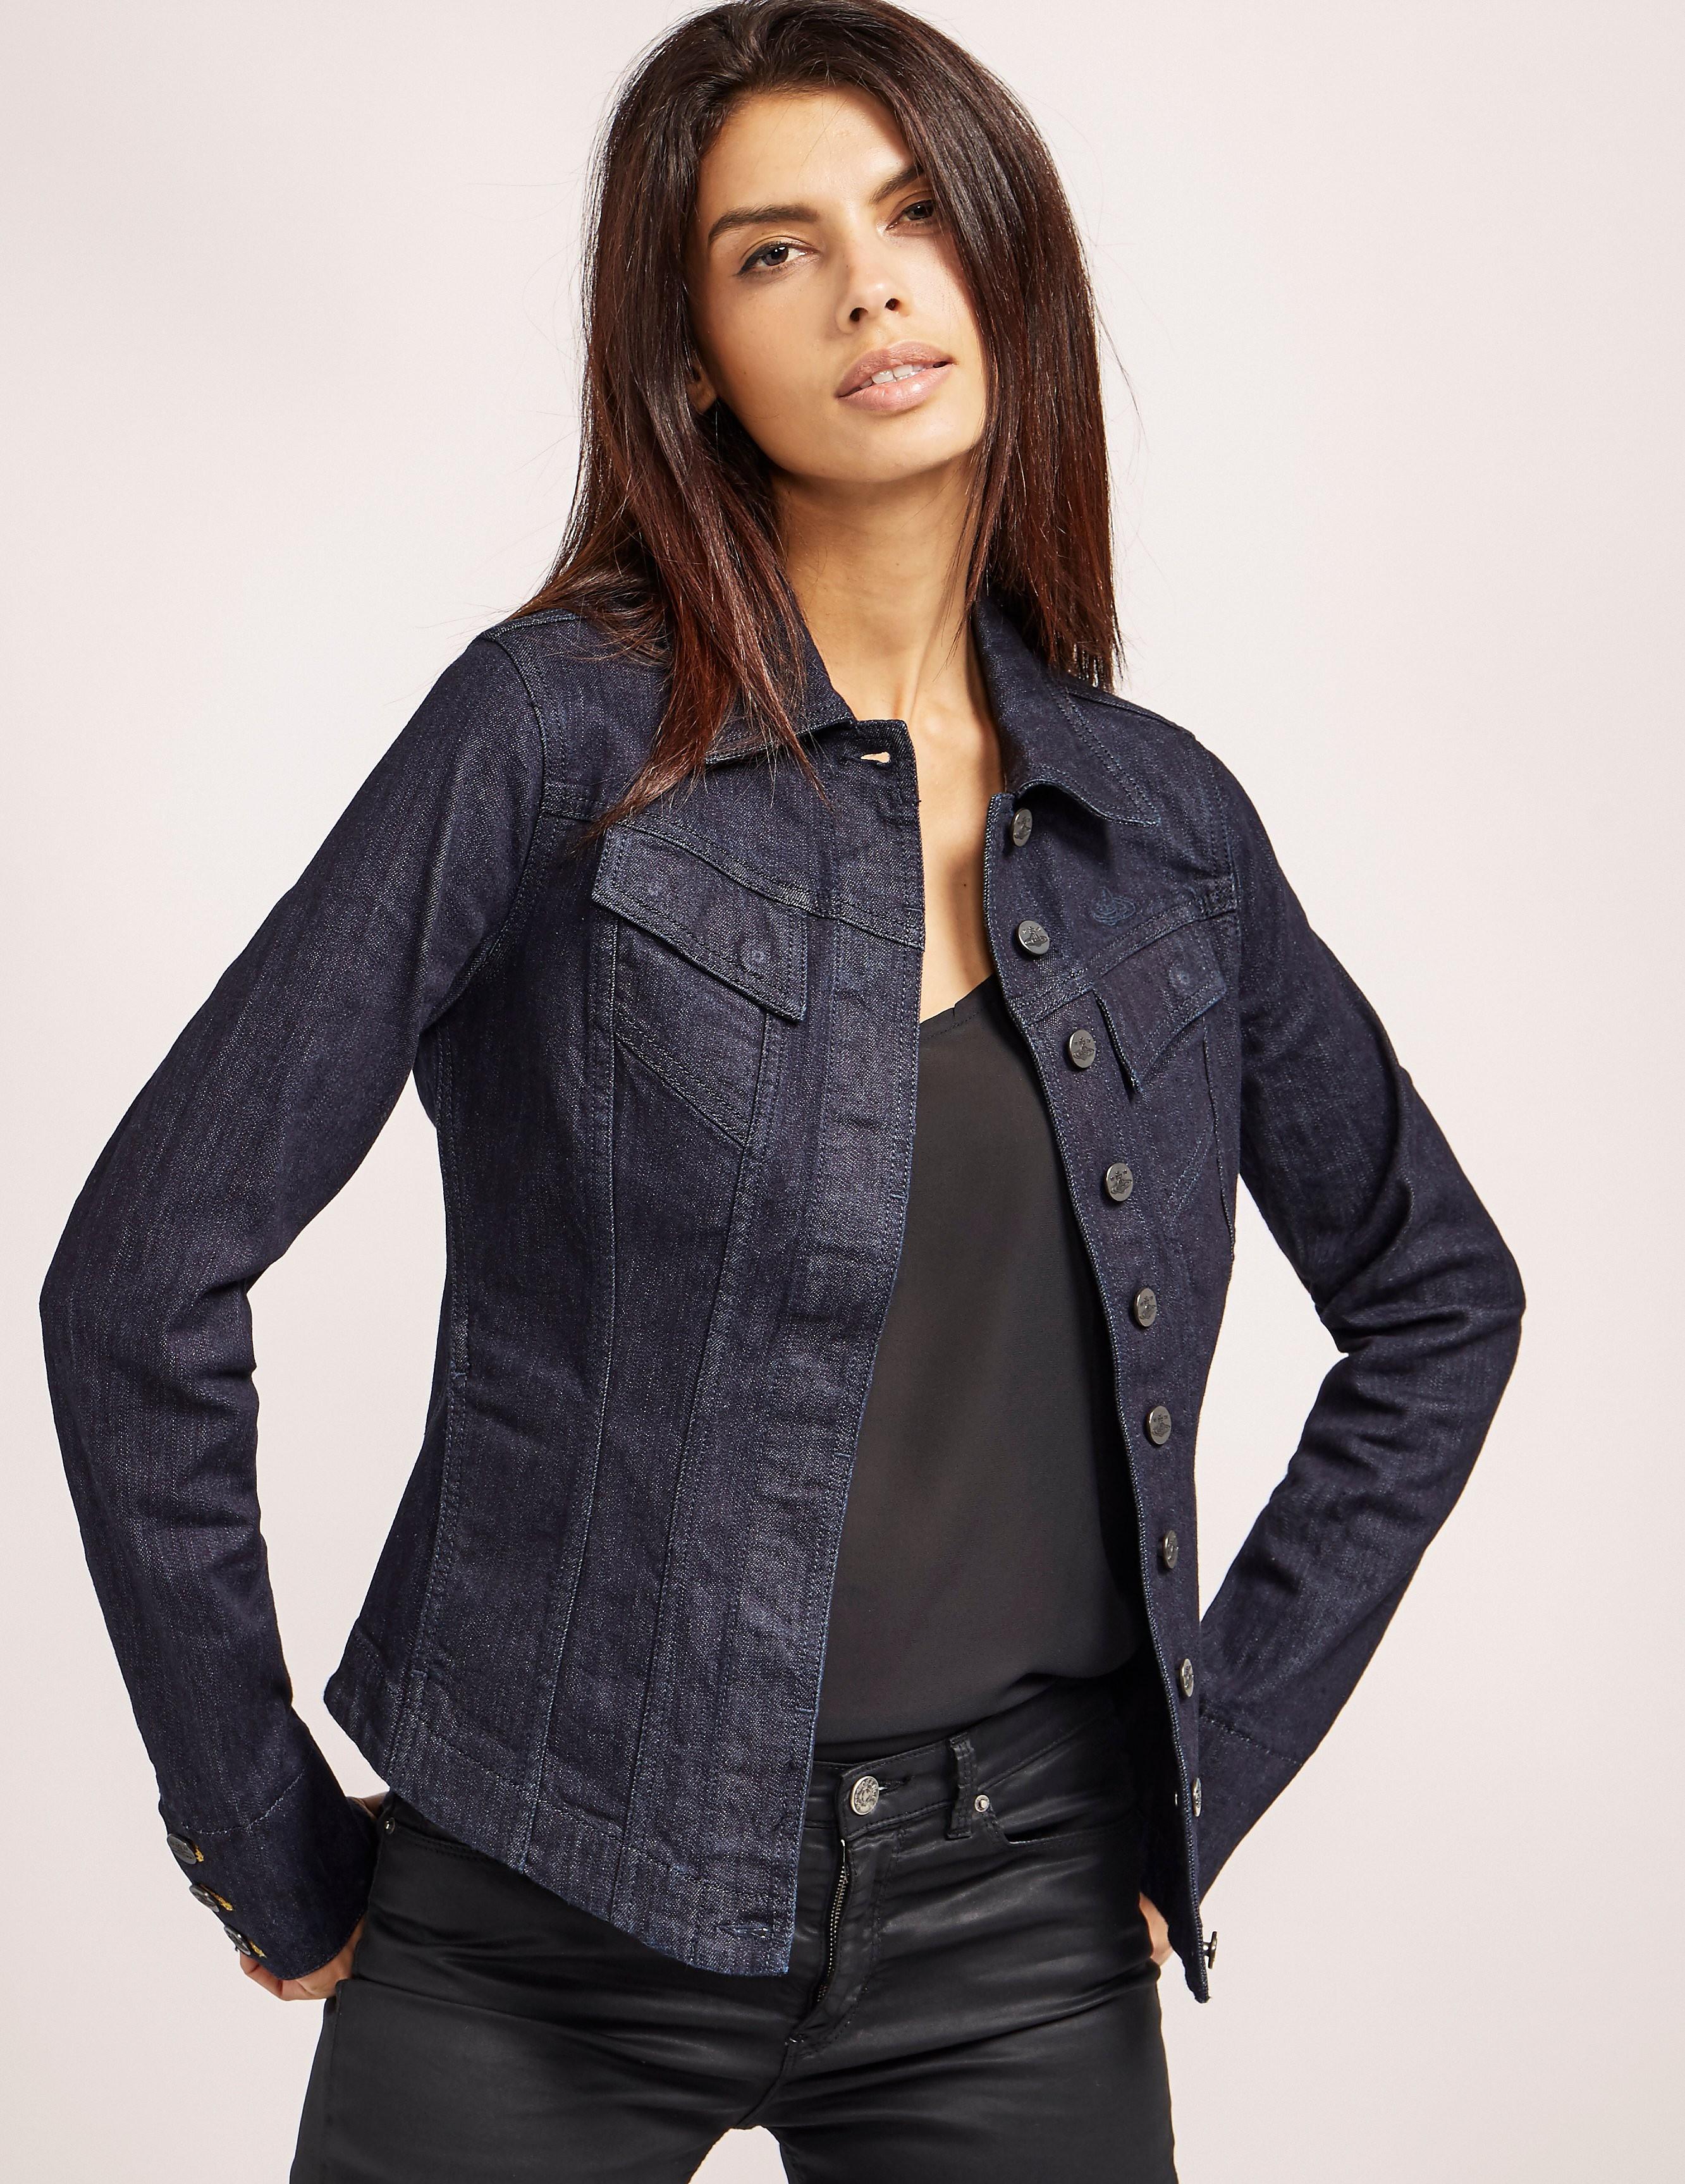 Vivienne Westwood New Weave Jacket